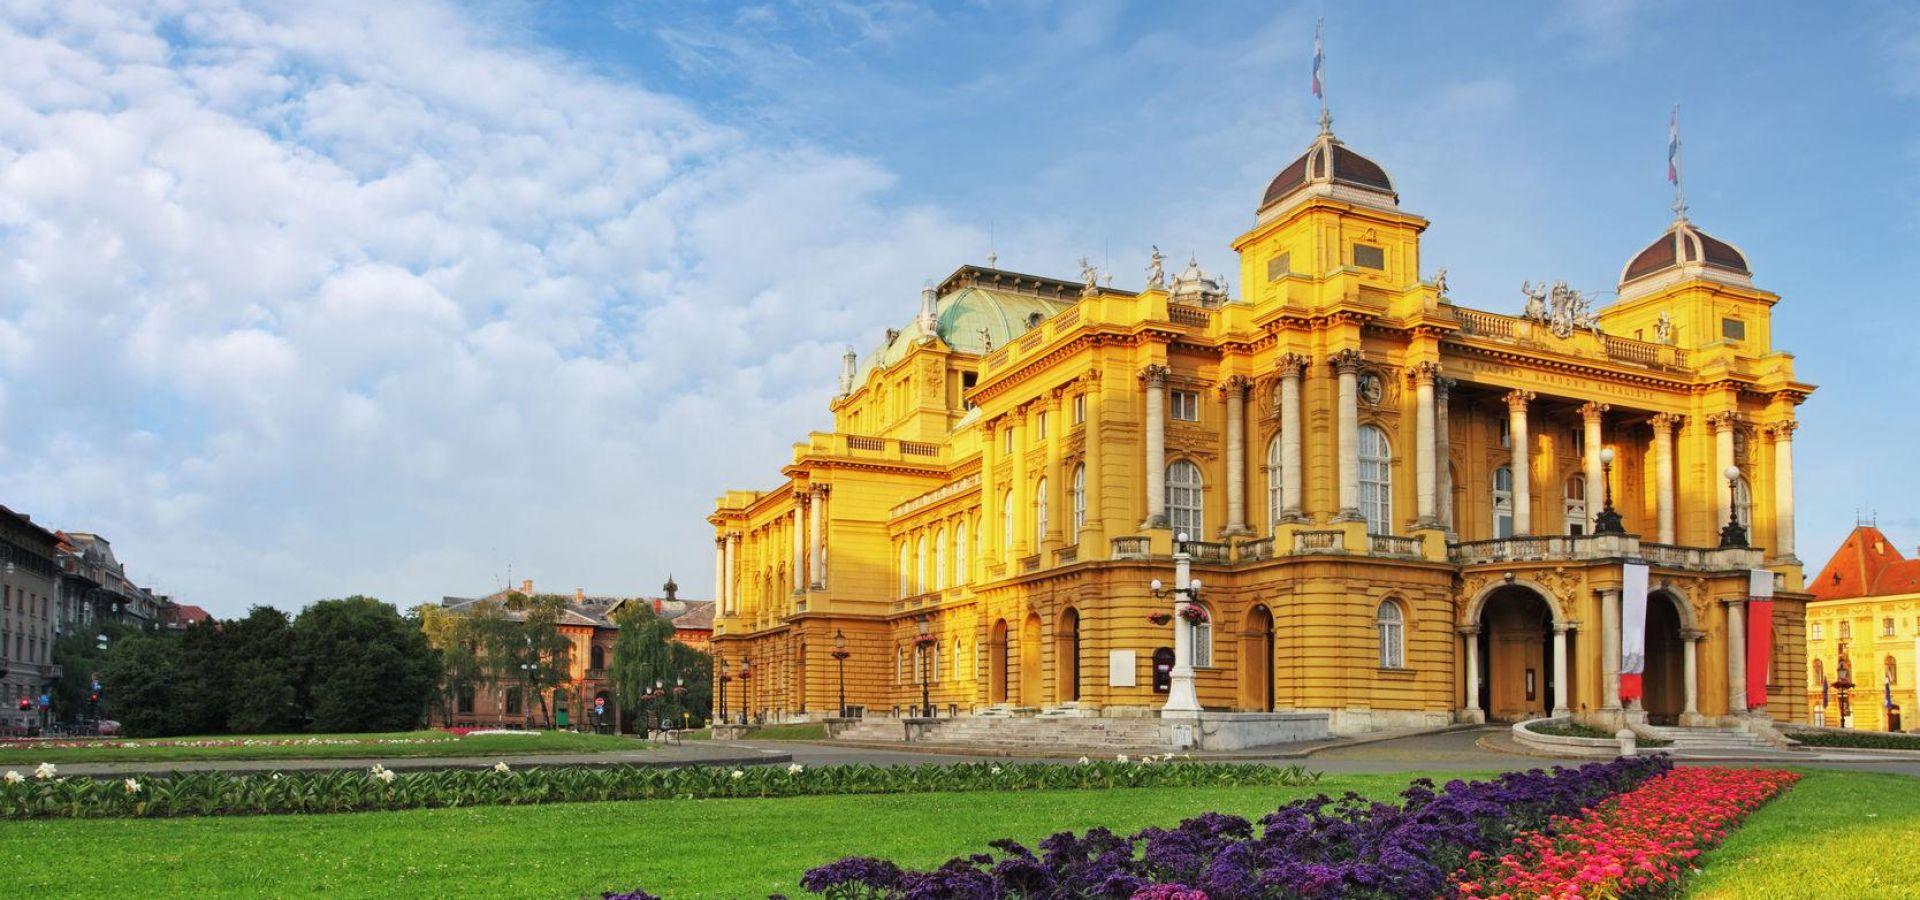 Историческая часть столицы Хорватии